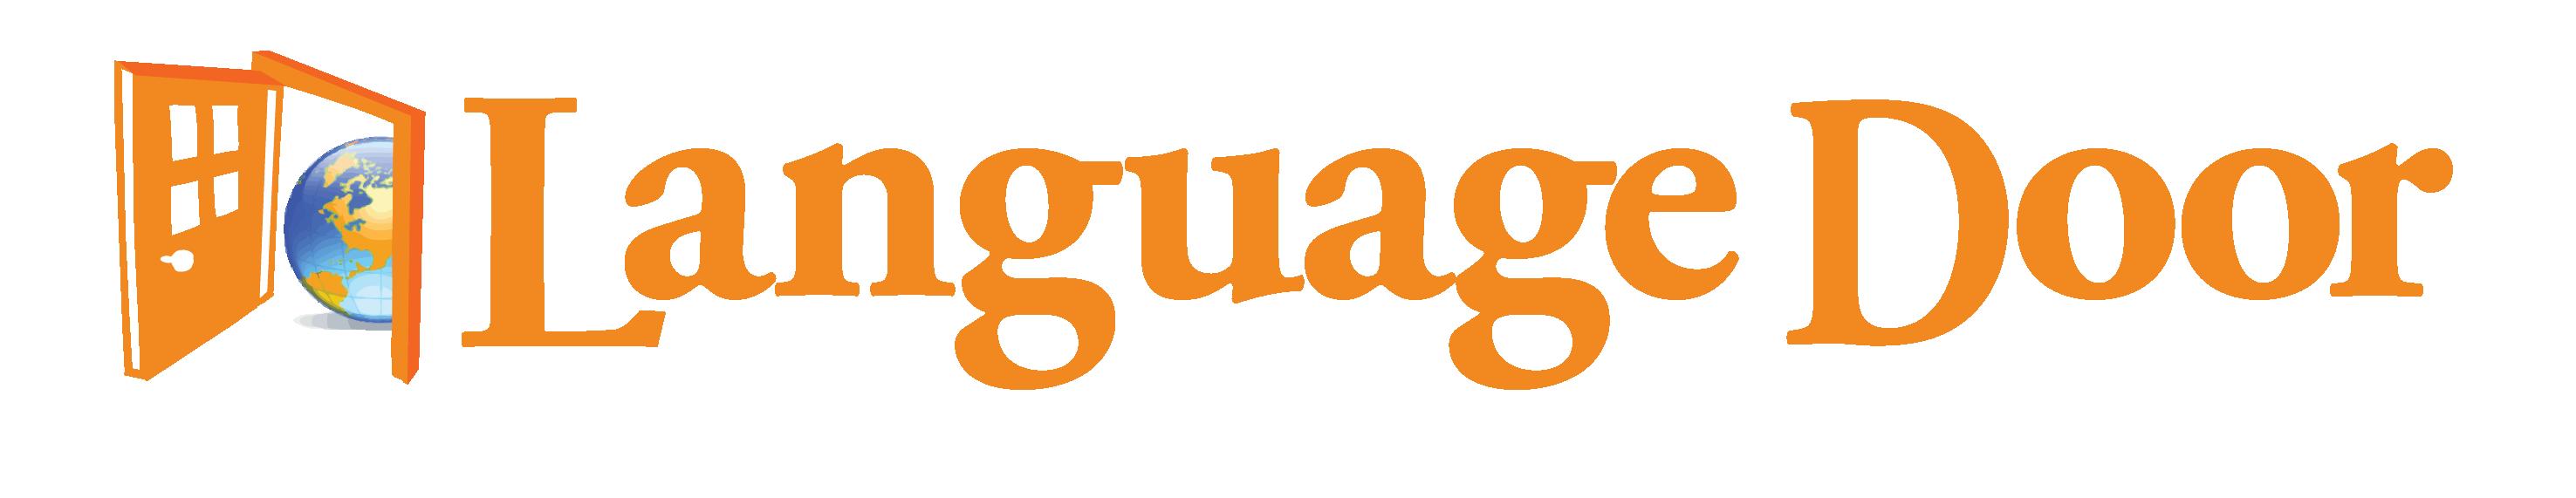 Language Door